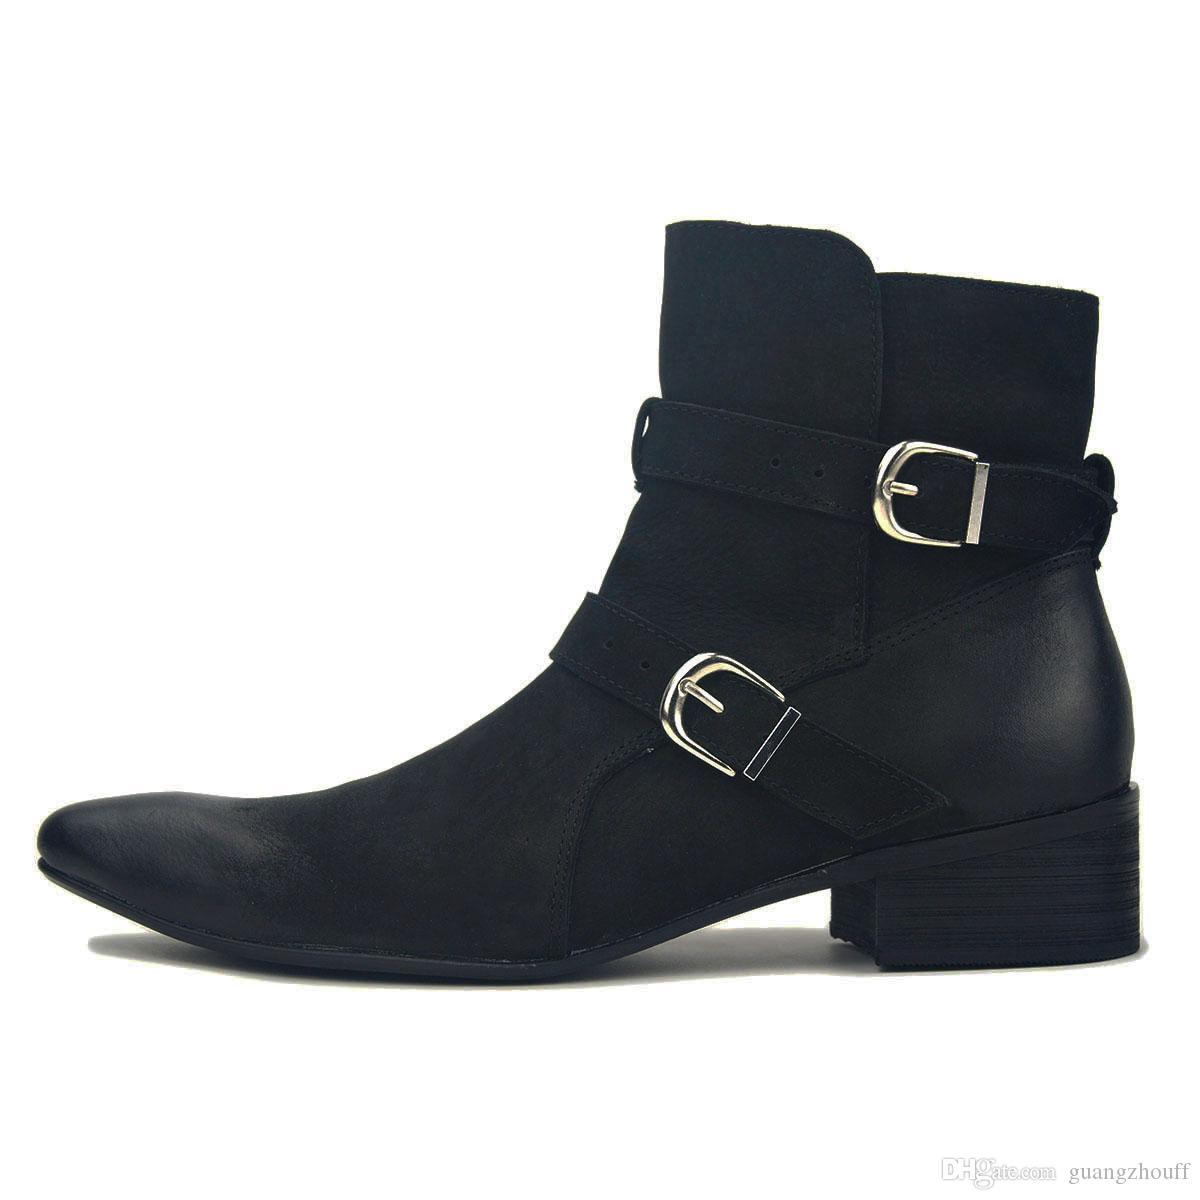 Мужская мода сапоги на молнии из натуральной кожи Ботинки мужские лодыжки обувь весна / осень Дизайнерские ботинки коровы кожаные ботинки